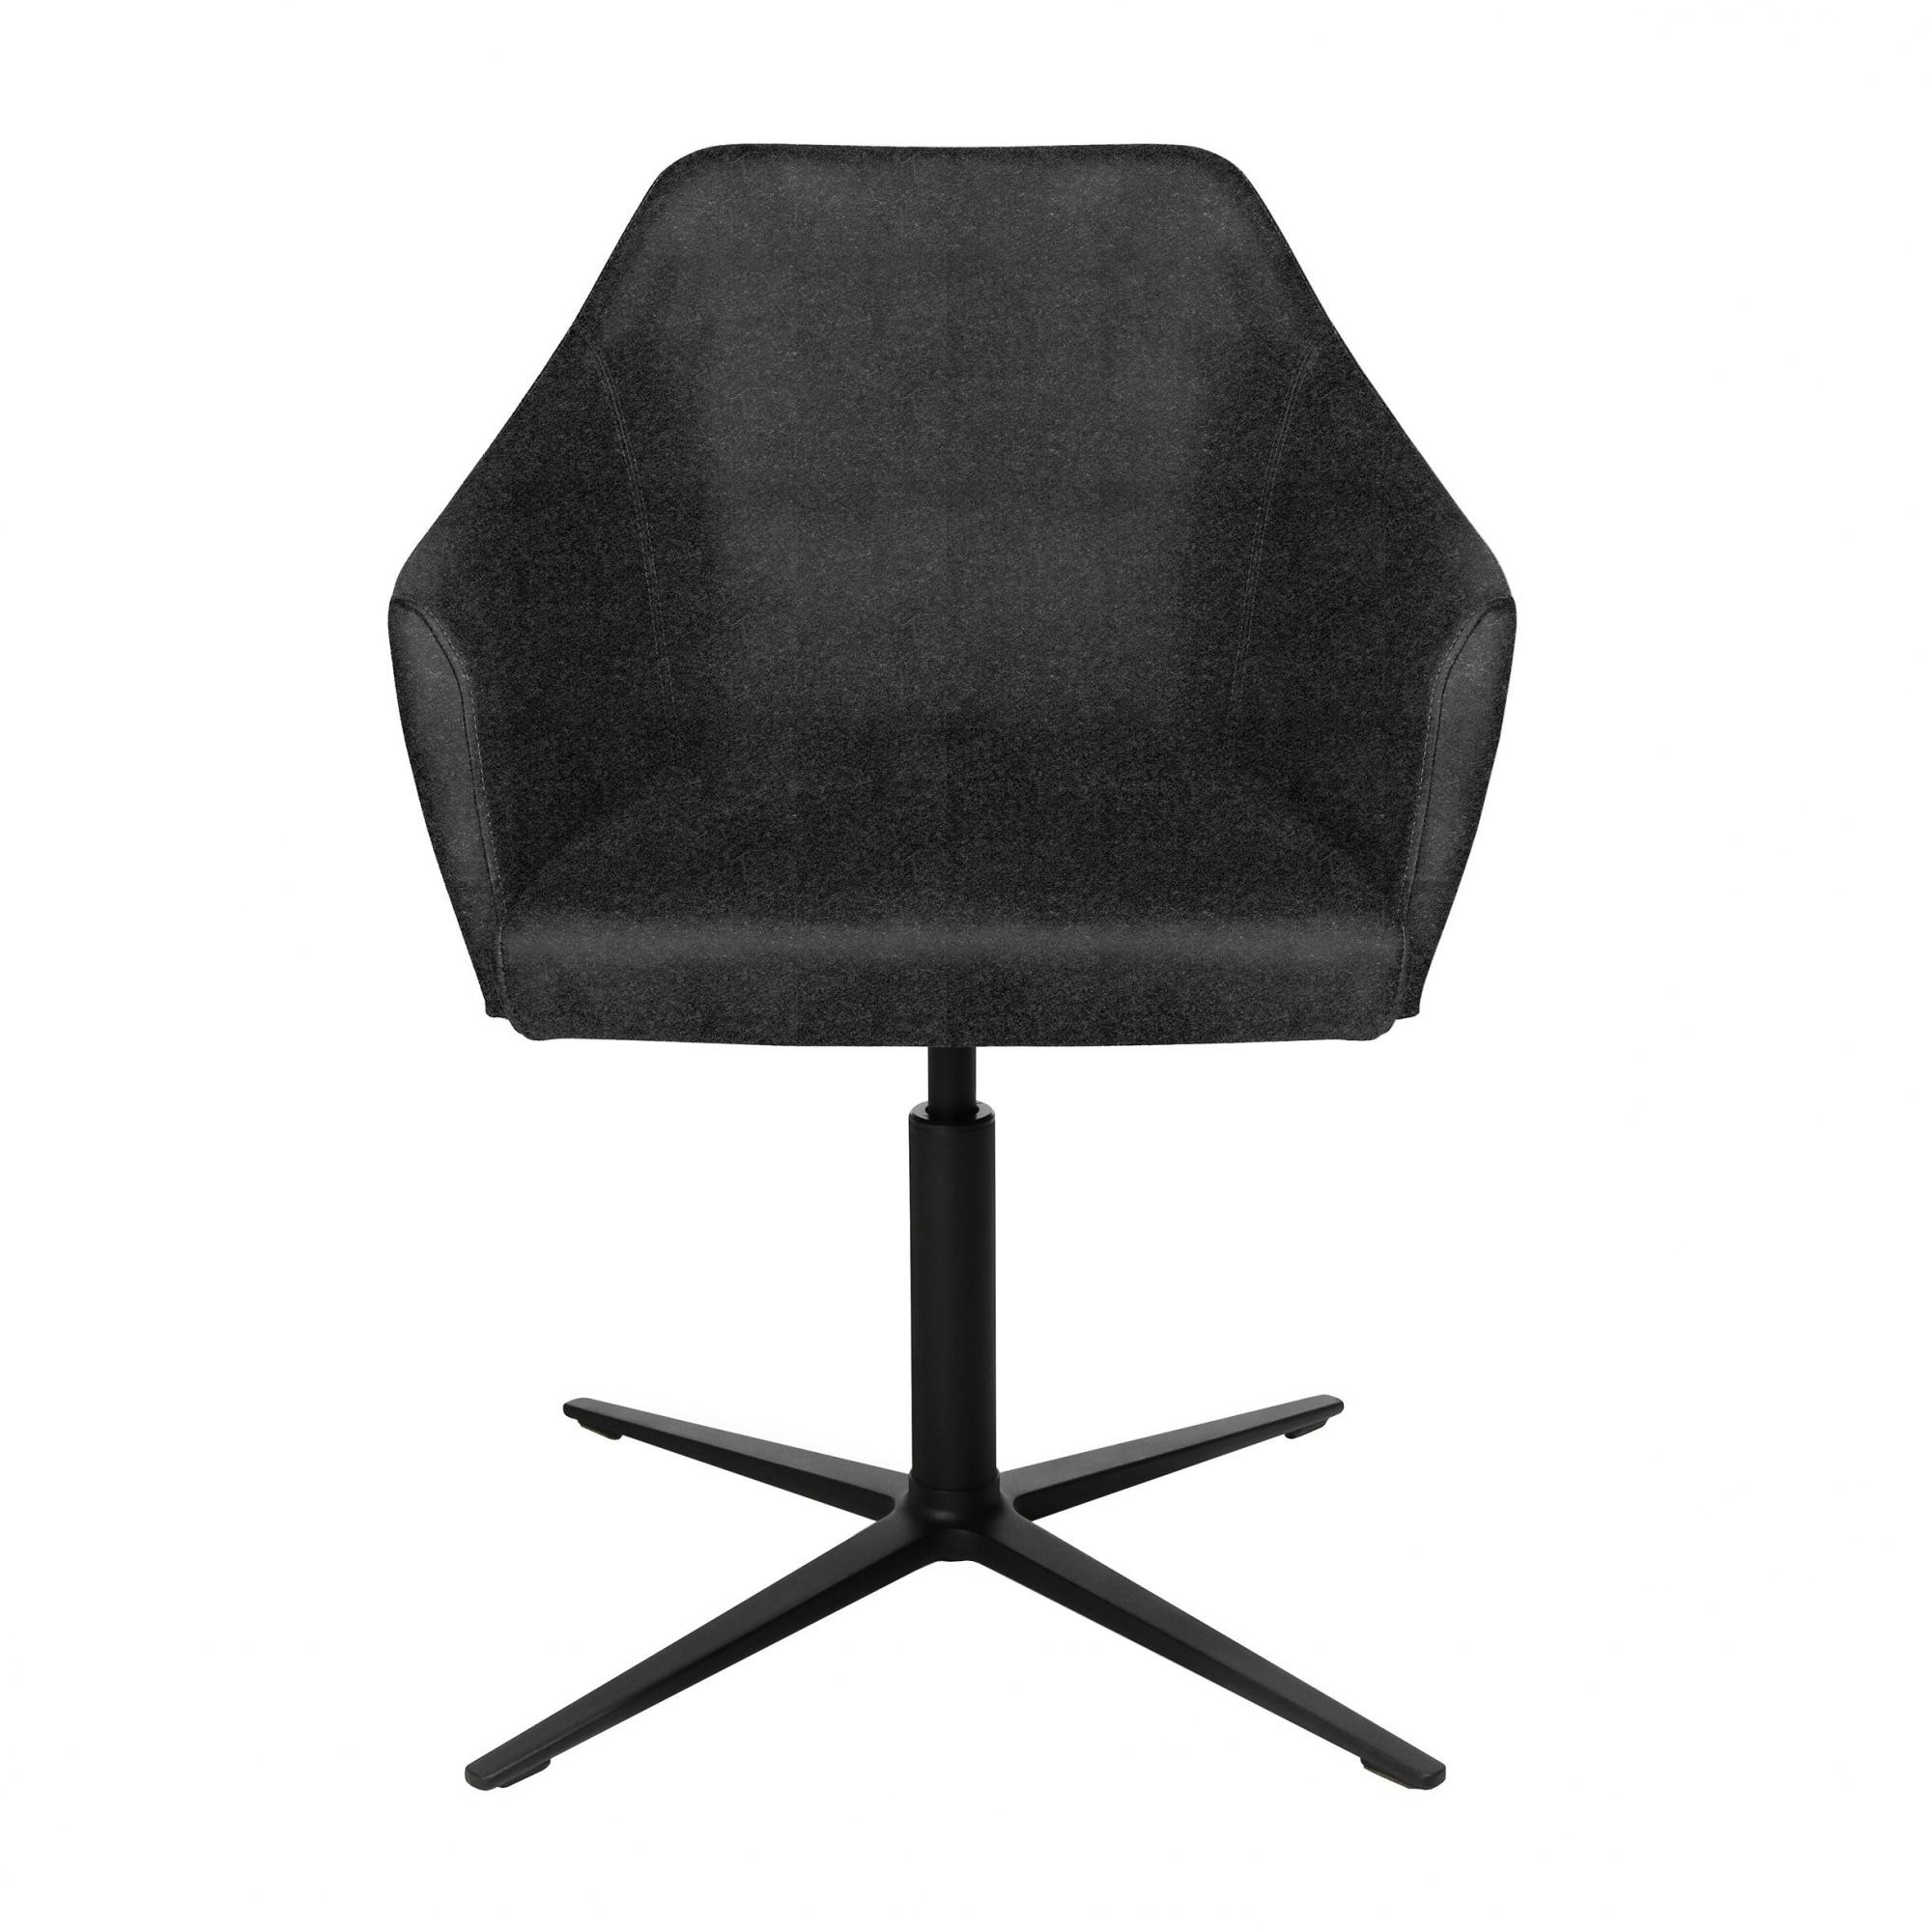 Wagner - W-Cube 5 - Chaise de conférence - gris foncé/étoffe laine mélangée gris foncé L5/PxP 72x72cm/H 79-83cm/patins incl./structure alumini